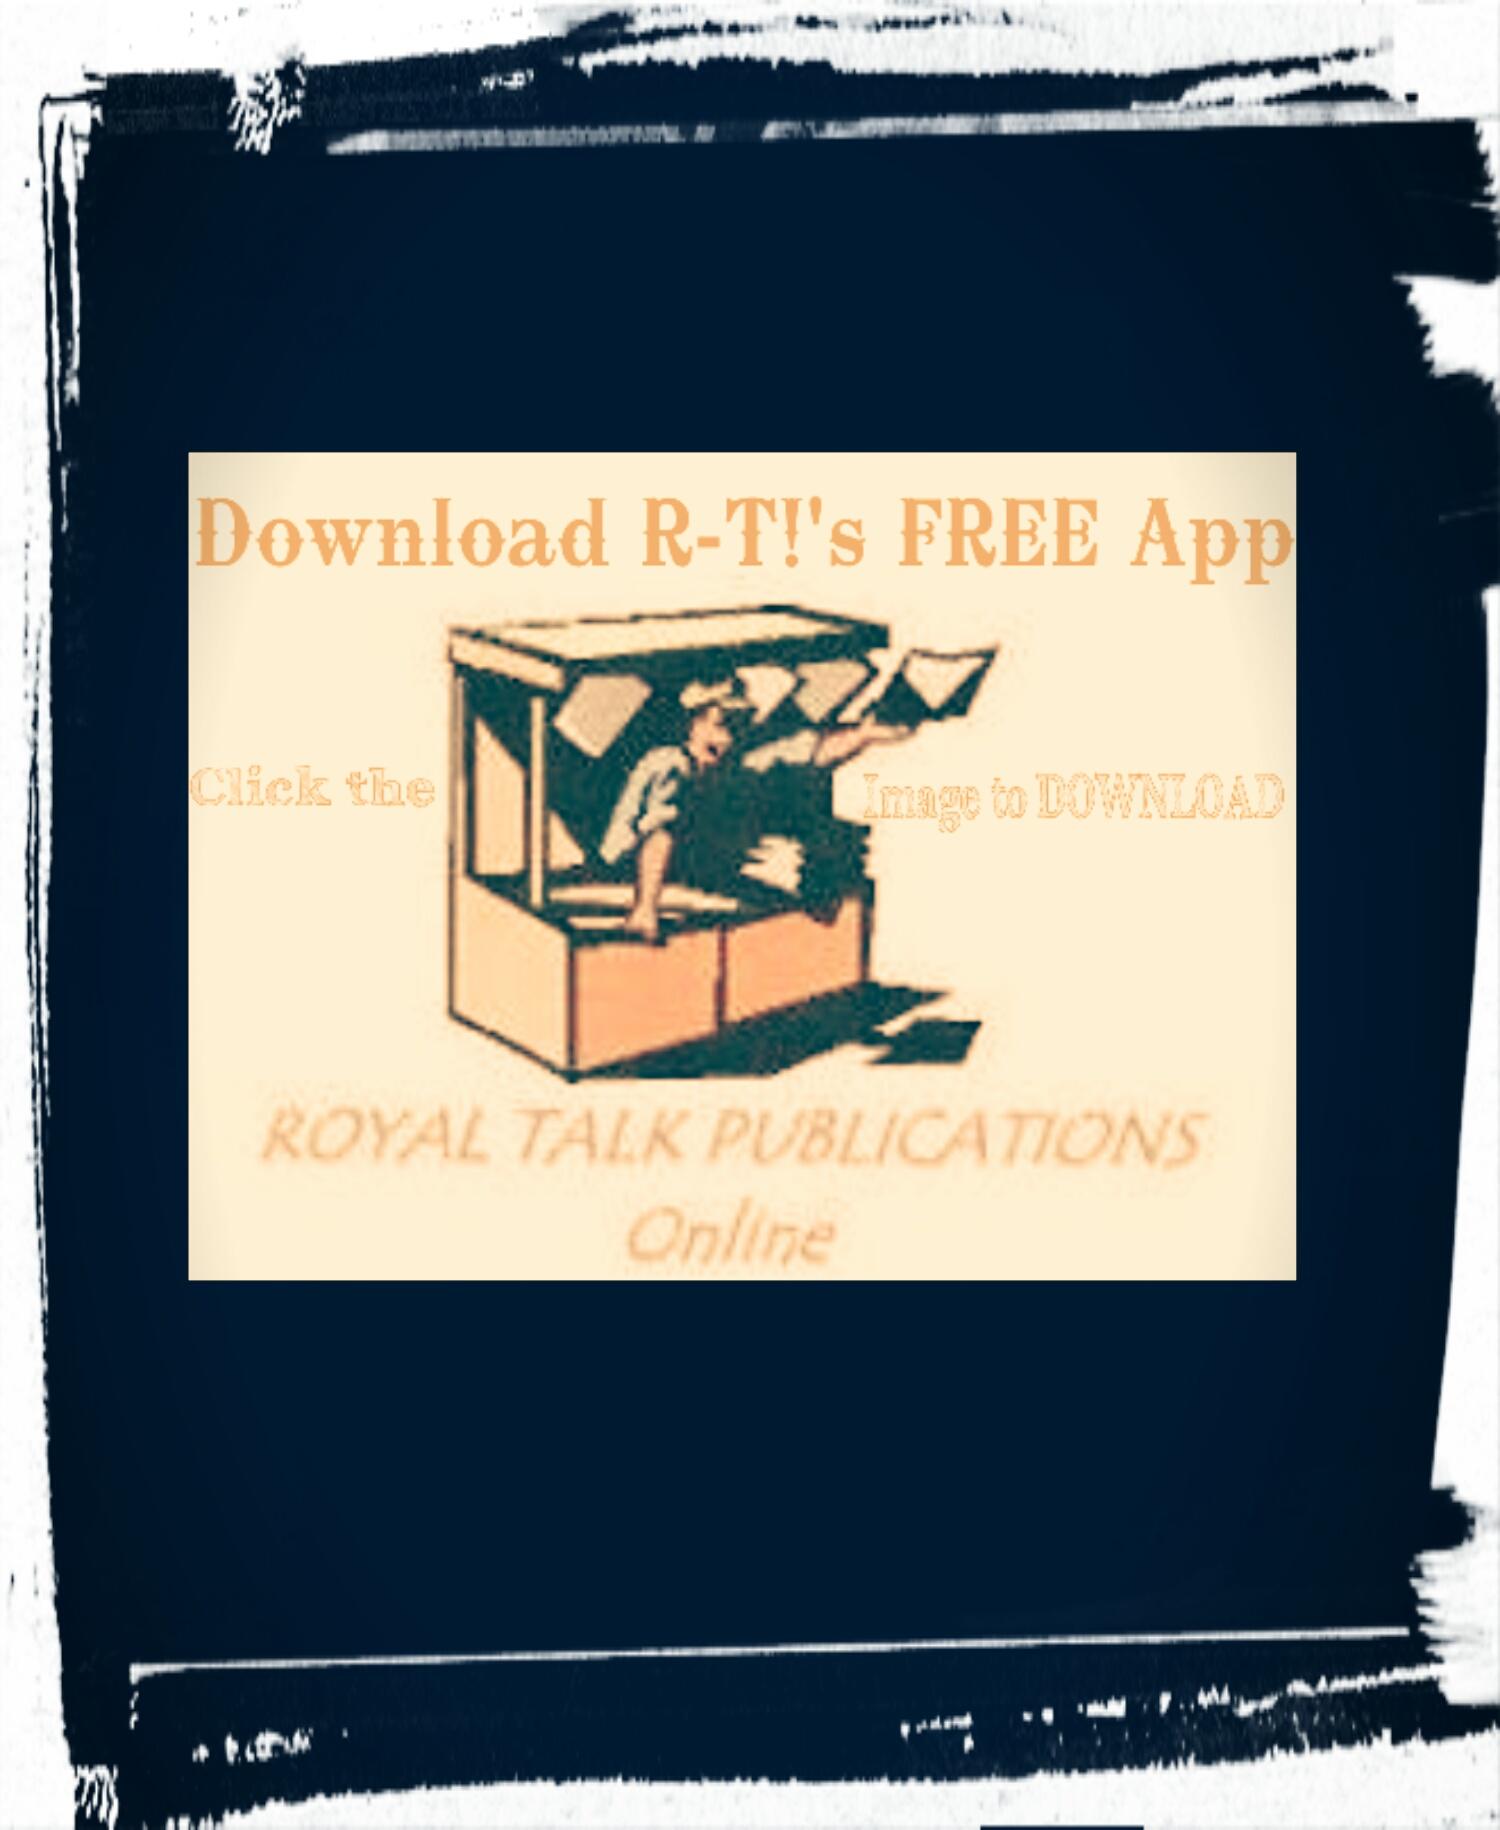 R T Mag App flyer 2017